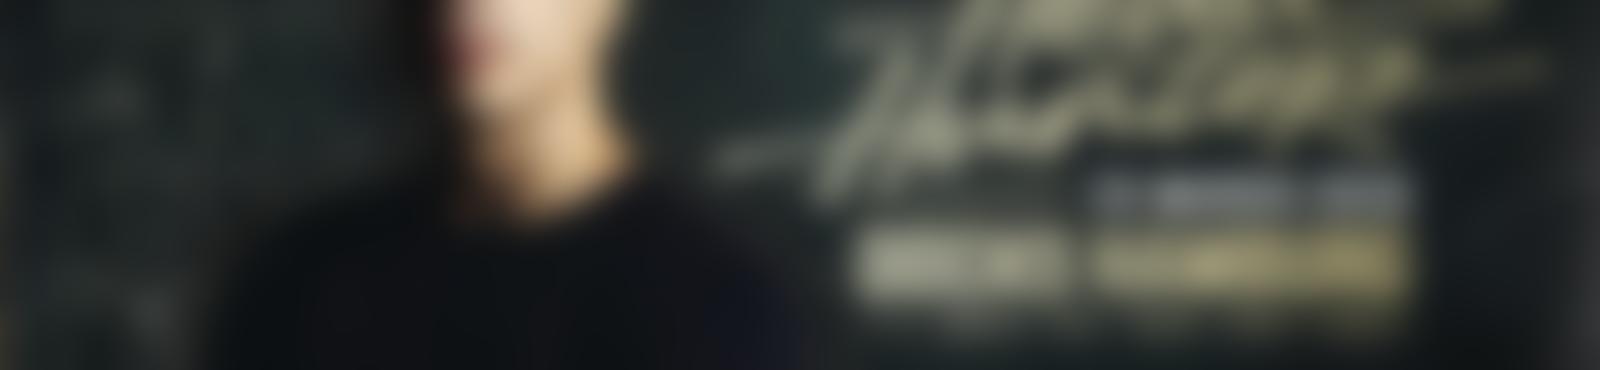 Blurred f221ff64 dce7 47da bfff 5da67b3d7374